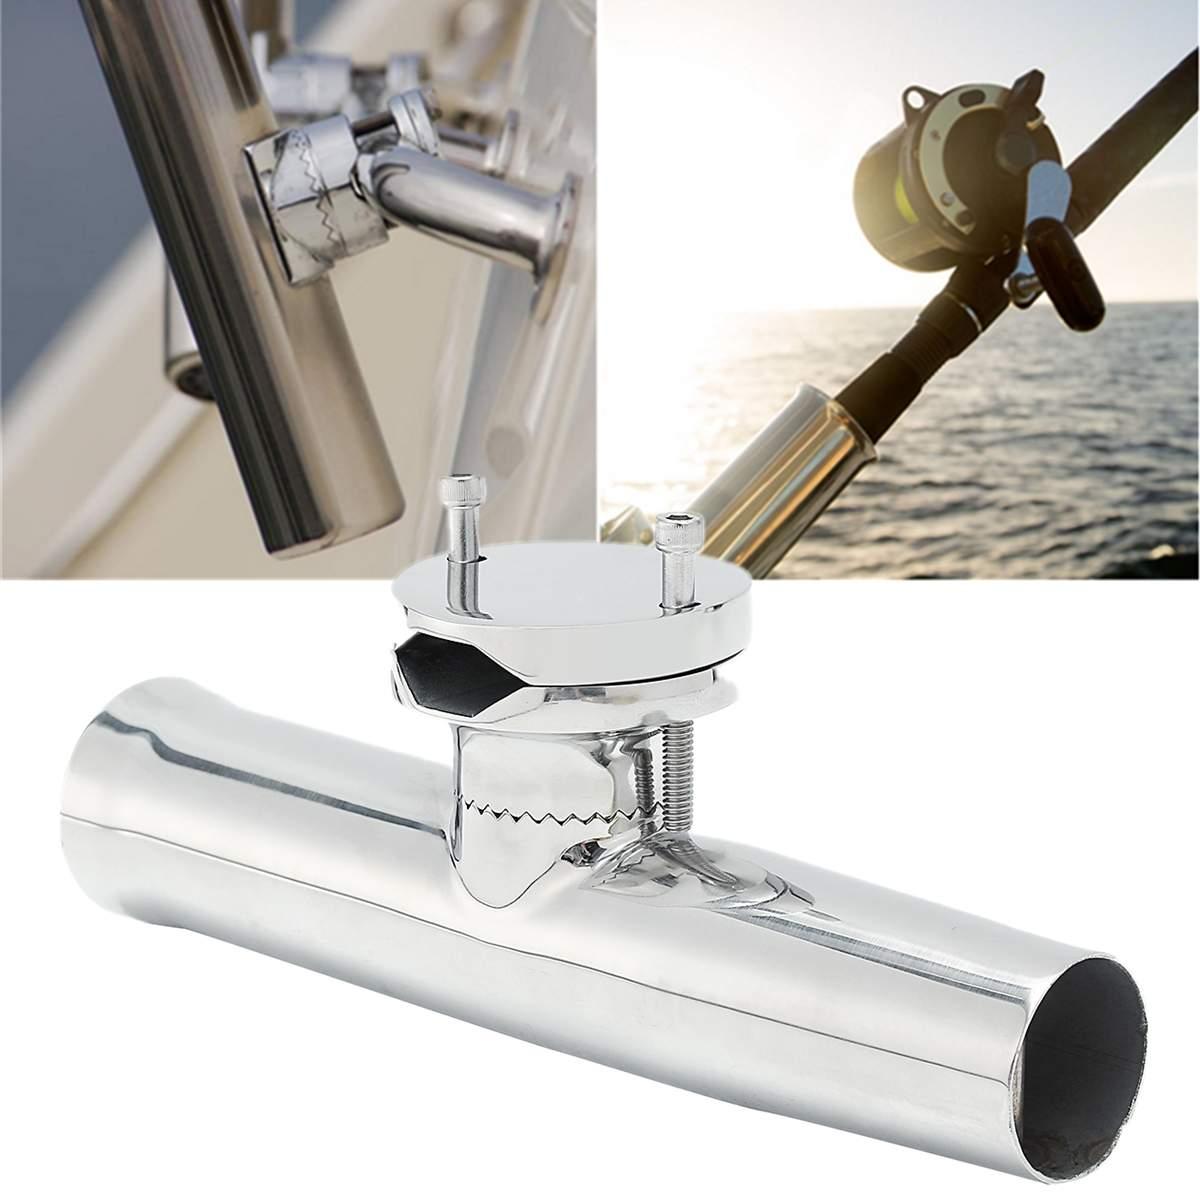 Pince de canne à pêche de bateau marin sur monture pour support 316 acier inoxydable pour Rails 28-60mm 360 degrés matériel marin réglable